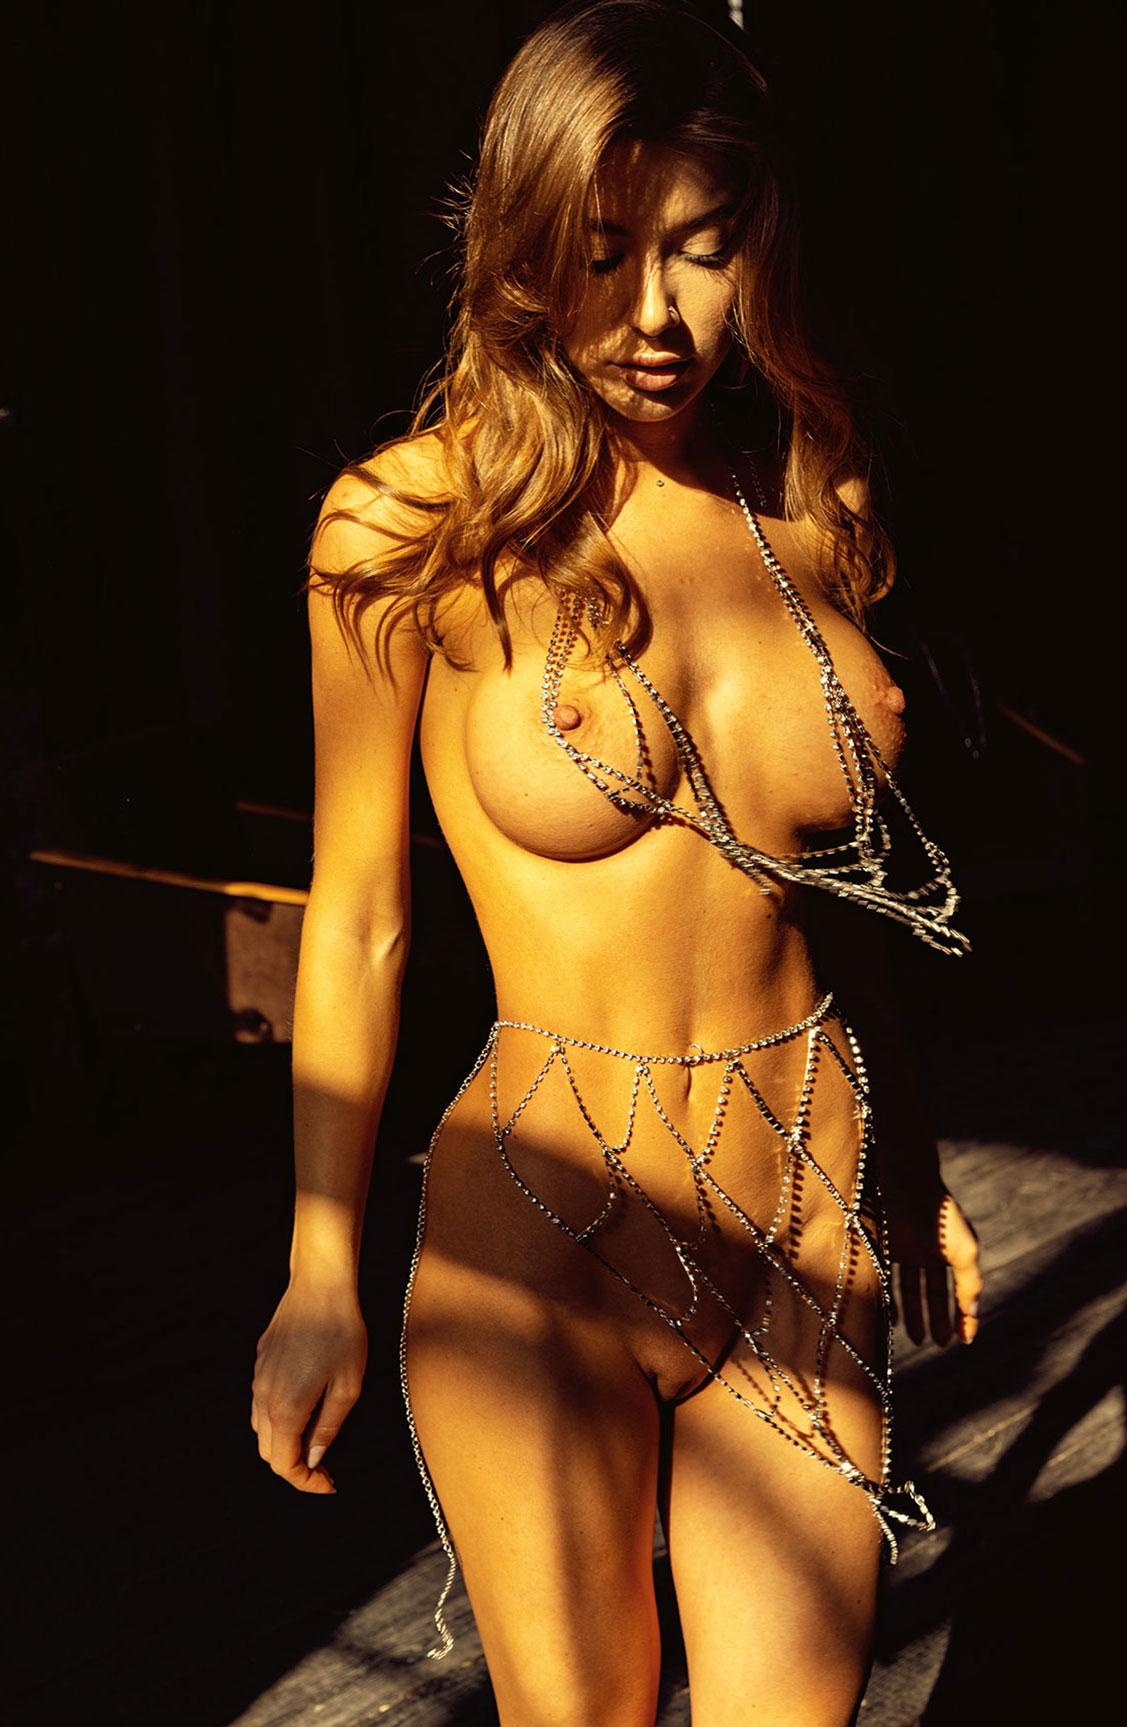 Сексуальная голая девушка в драгоценных цепях / фото 11